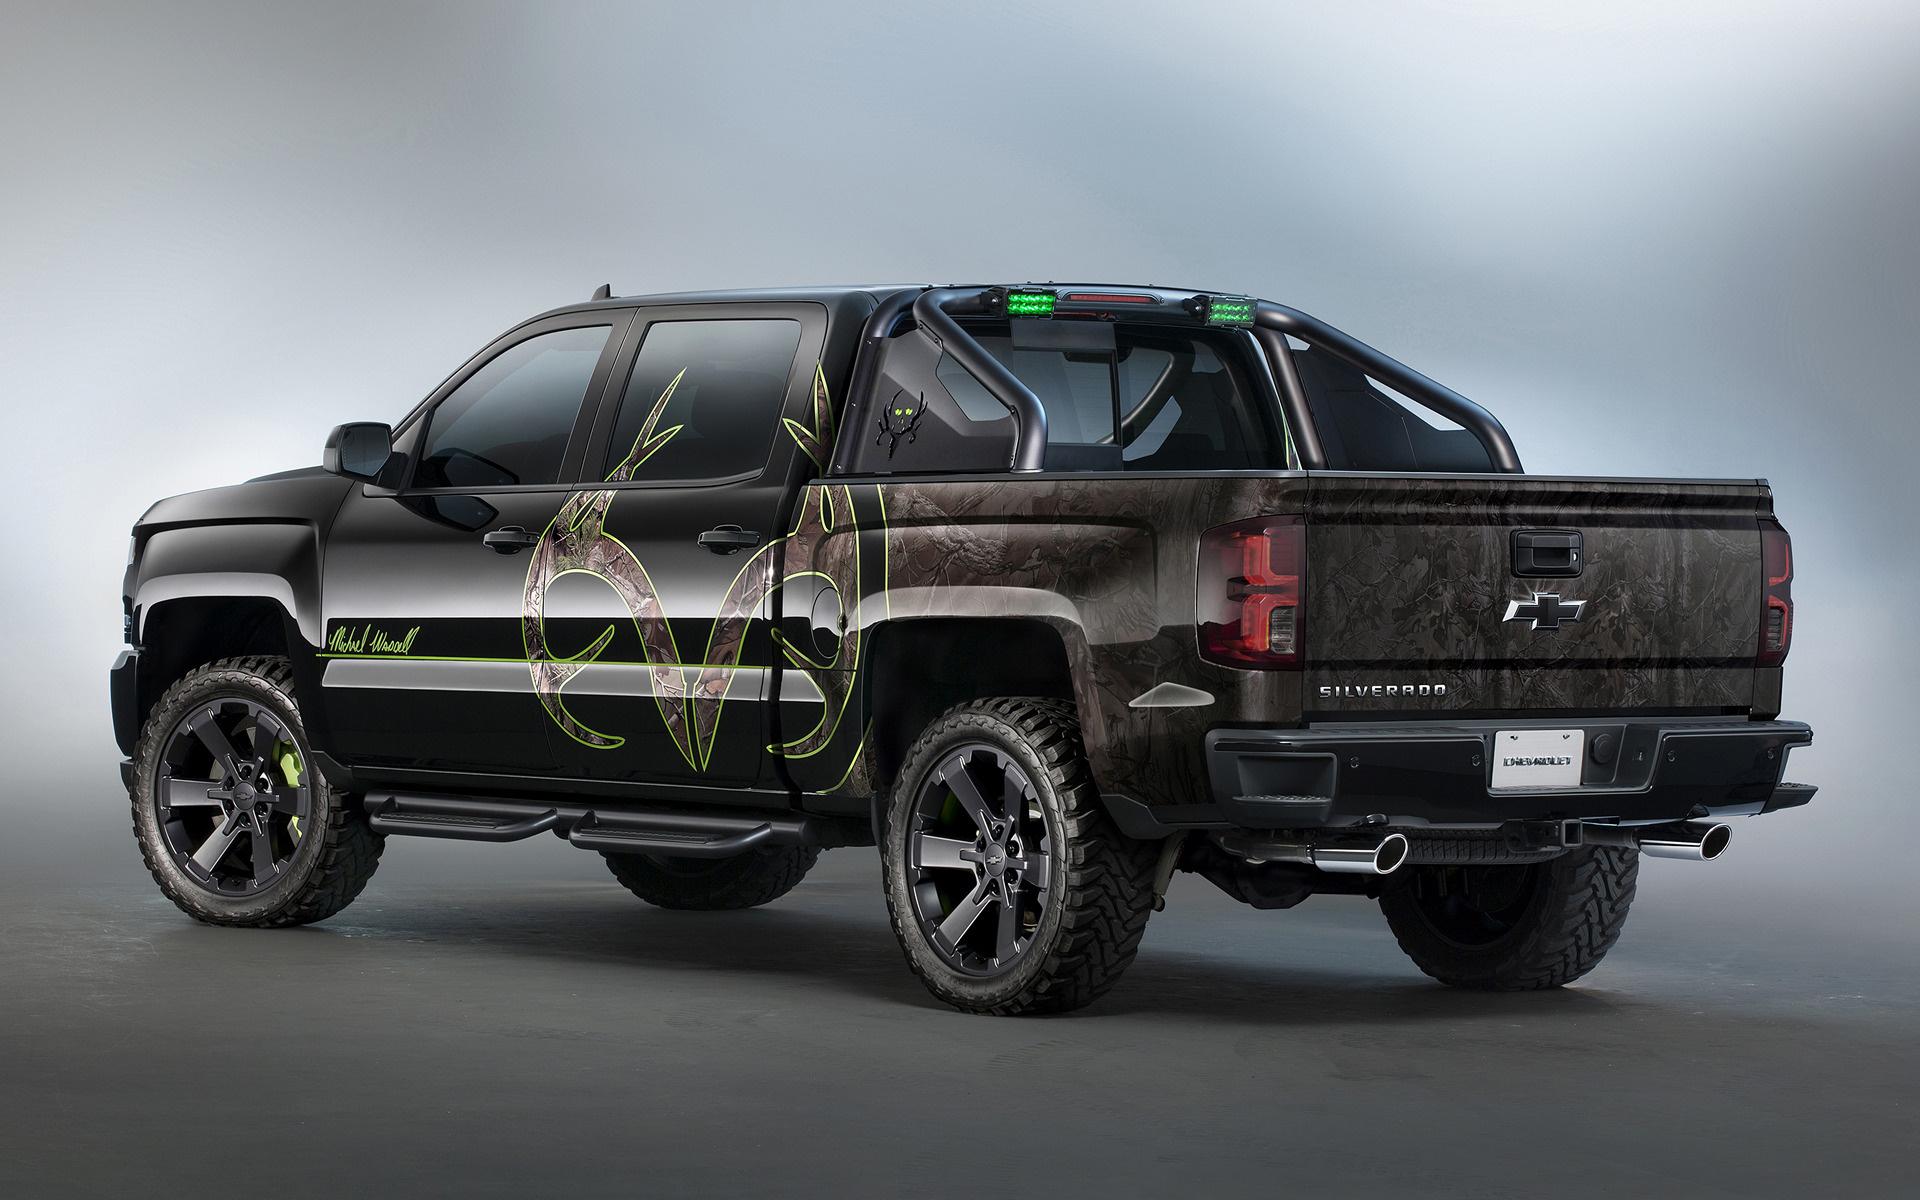 Chevrolet Silverado Realtree Bone Collector 2015 Wallpapers And HD